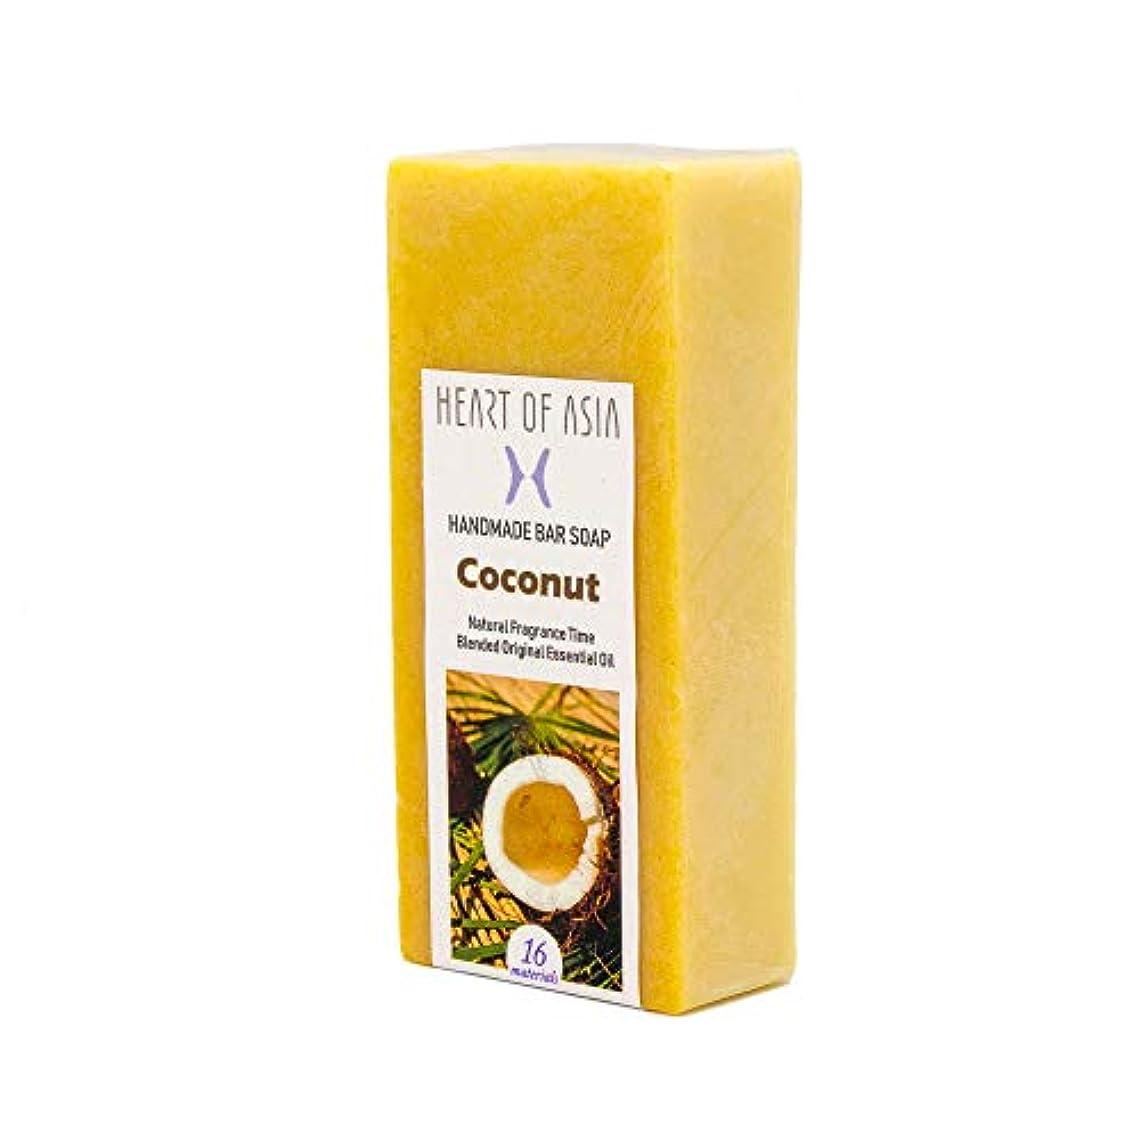 水没承知しました補助金香水のようなフレグランス石けん HANDMADE BAR SOAP ~Coconut ~ (単品)